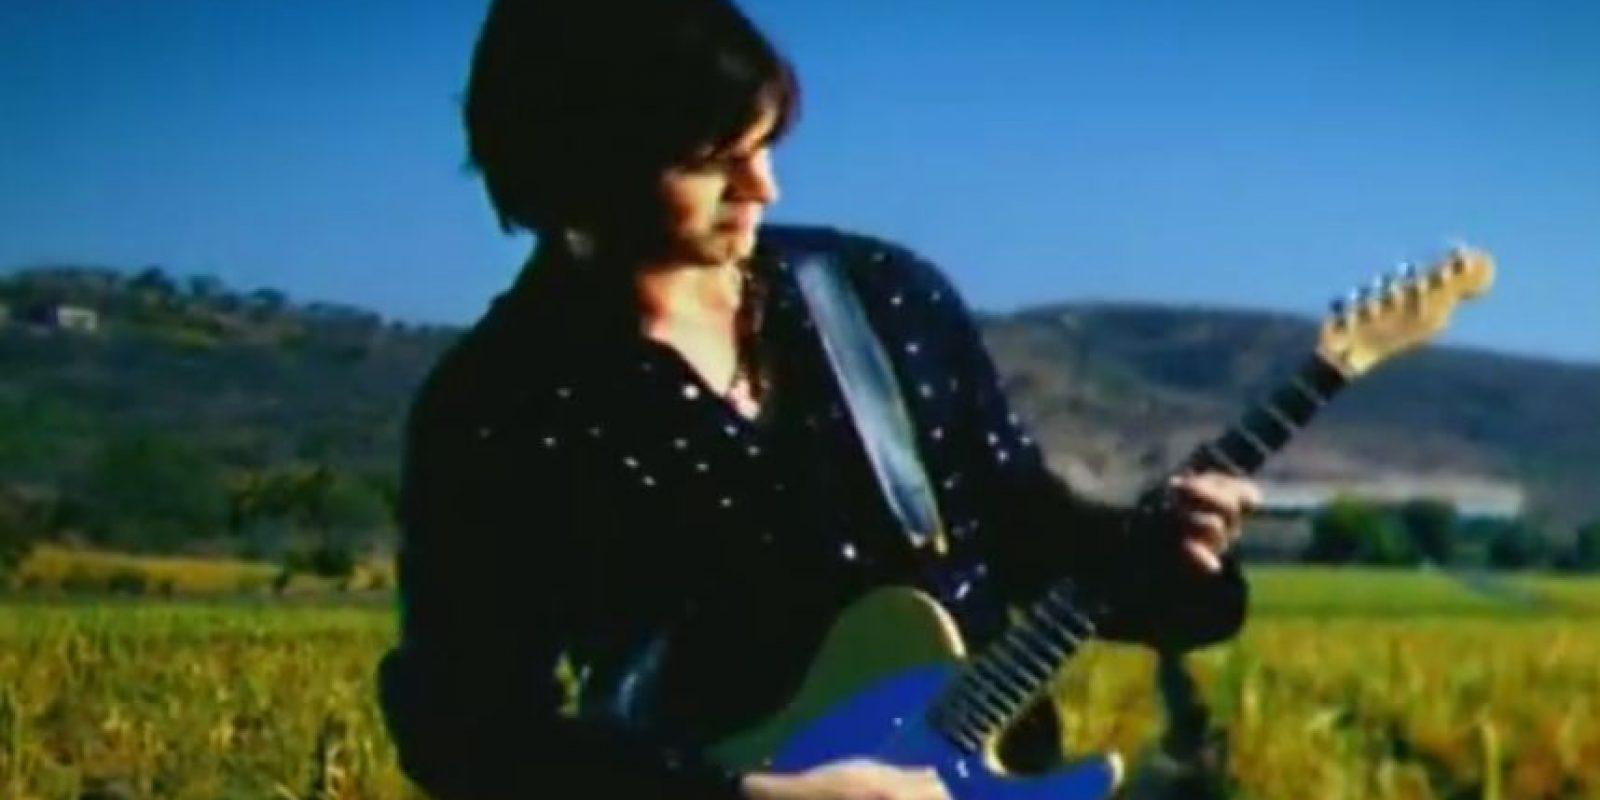 Este hit de los años 2000 también fue escrito e interpretado por Juanes. Foto:Vía youtube.com/user/JuanesVEVO